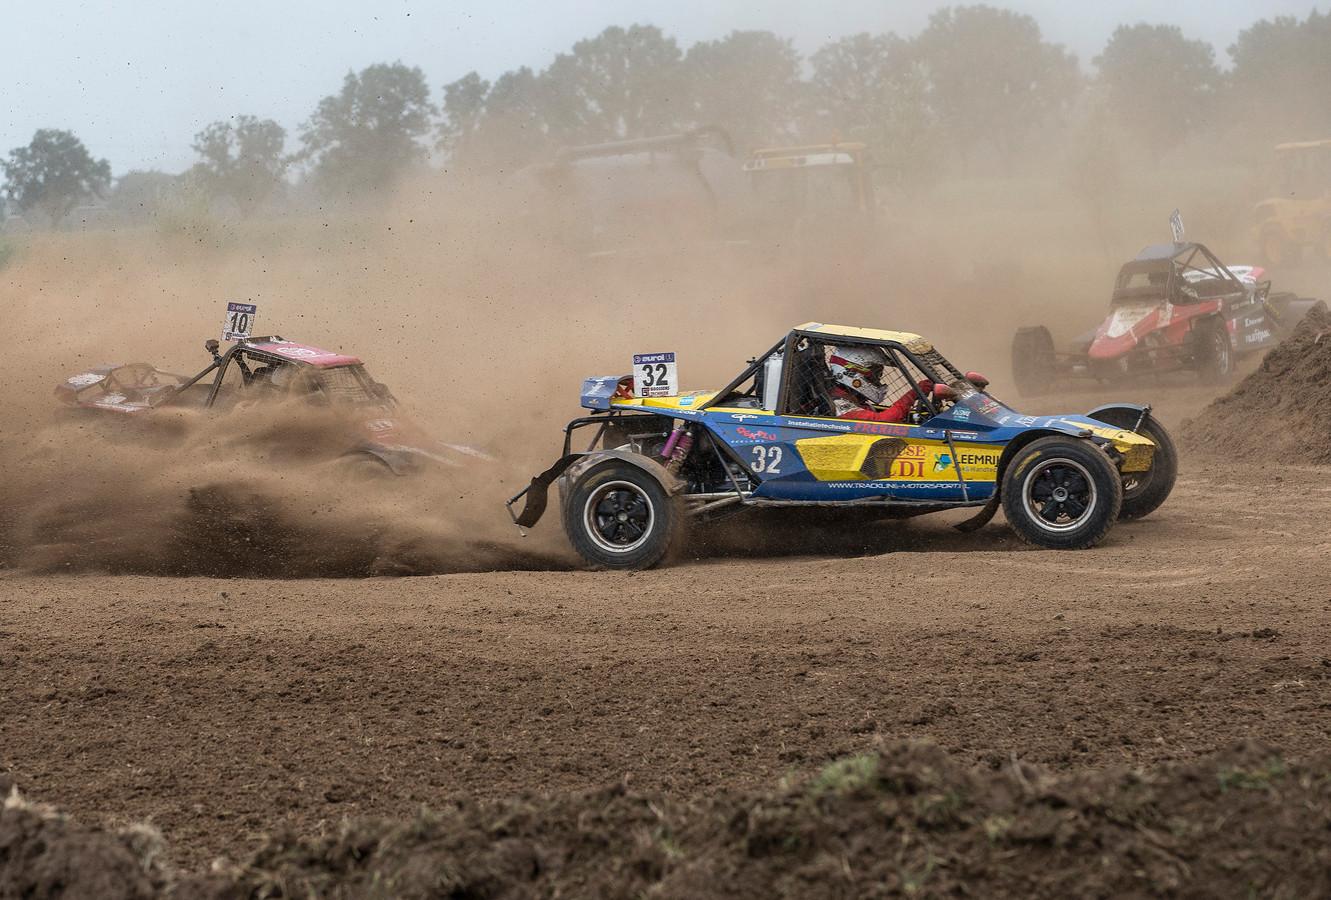 De autocross in Gendringen in 2019.